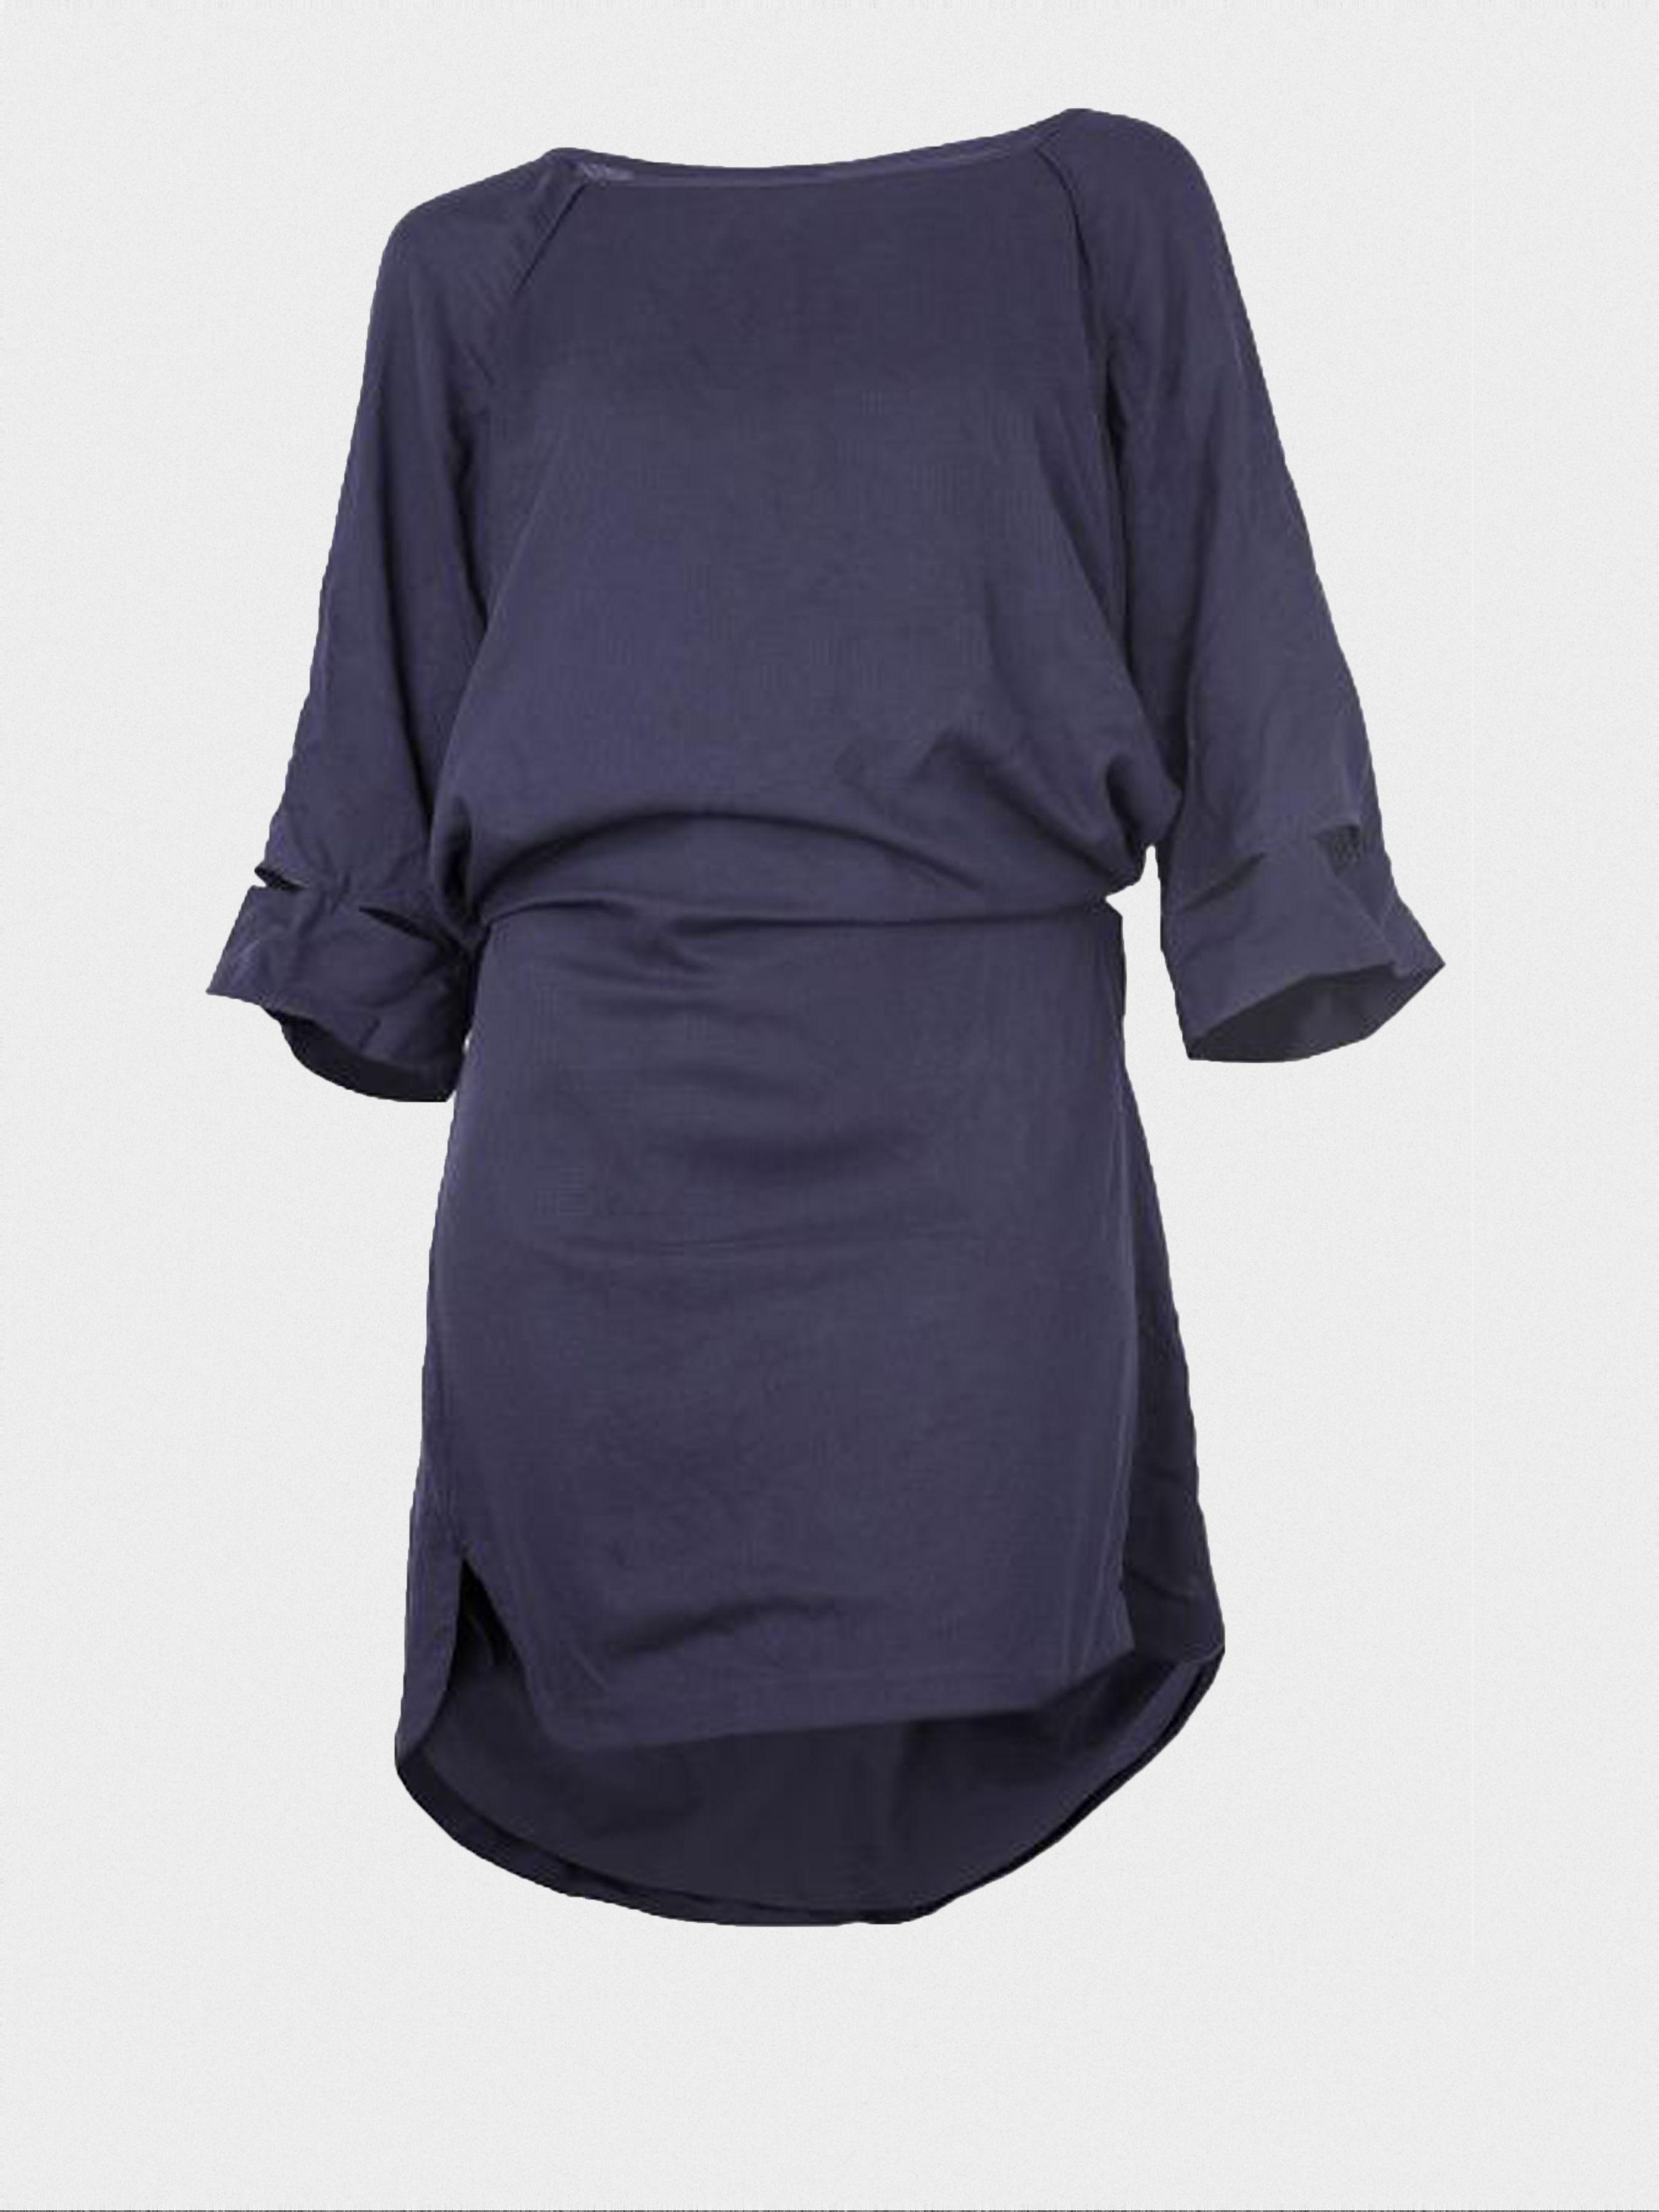 Платье  Armani Exchange модель QZ9 купить, 2017